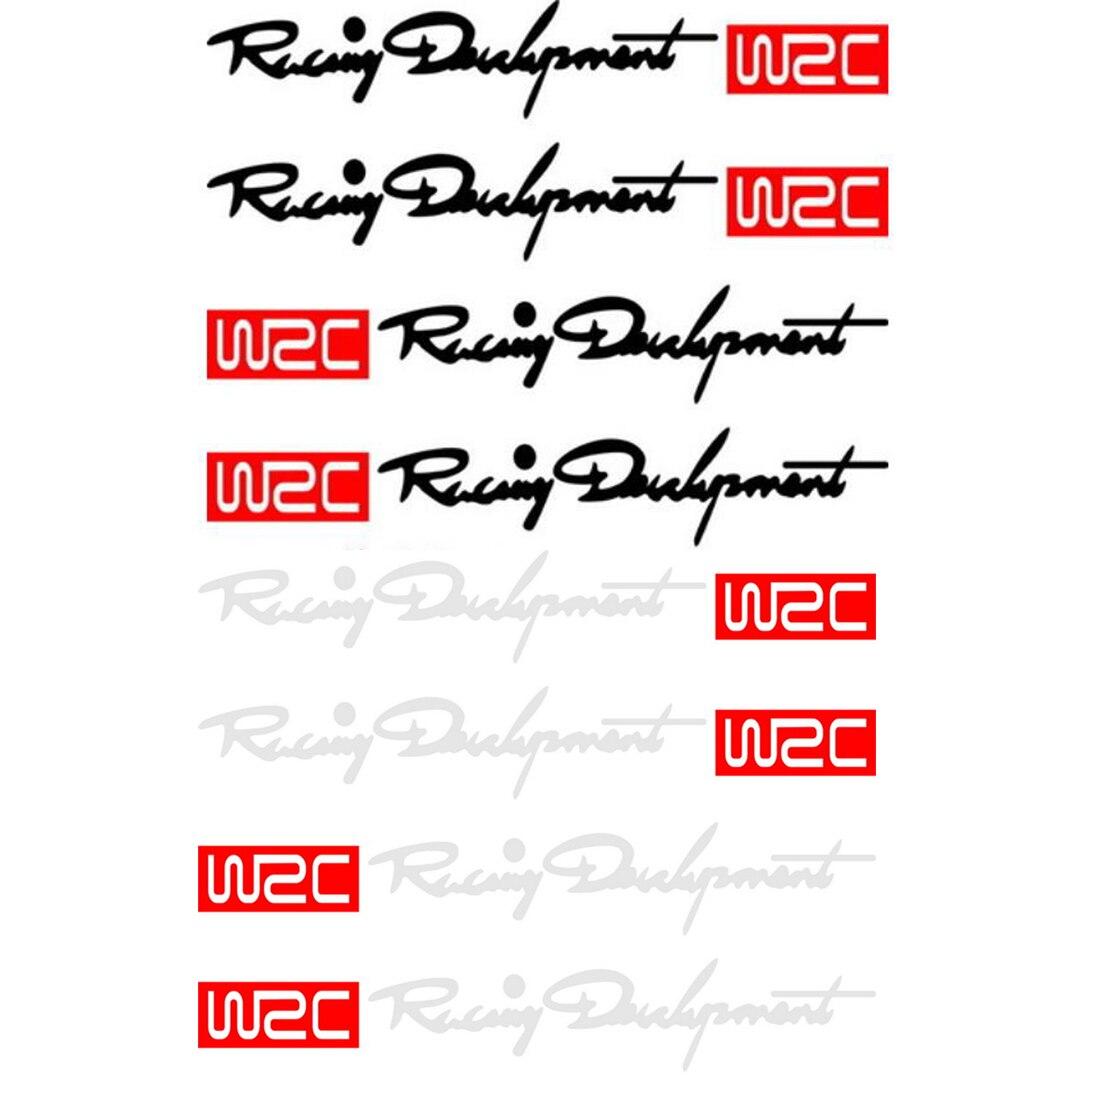 Dewtreetali высокой 4шт/набор гоночных ВКР дверь ручка наклейки наклейки для BMW мини Ауди Фольксваген Шкода Ситроен Пежо Рено